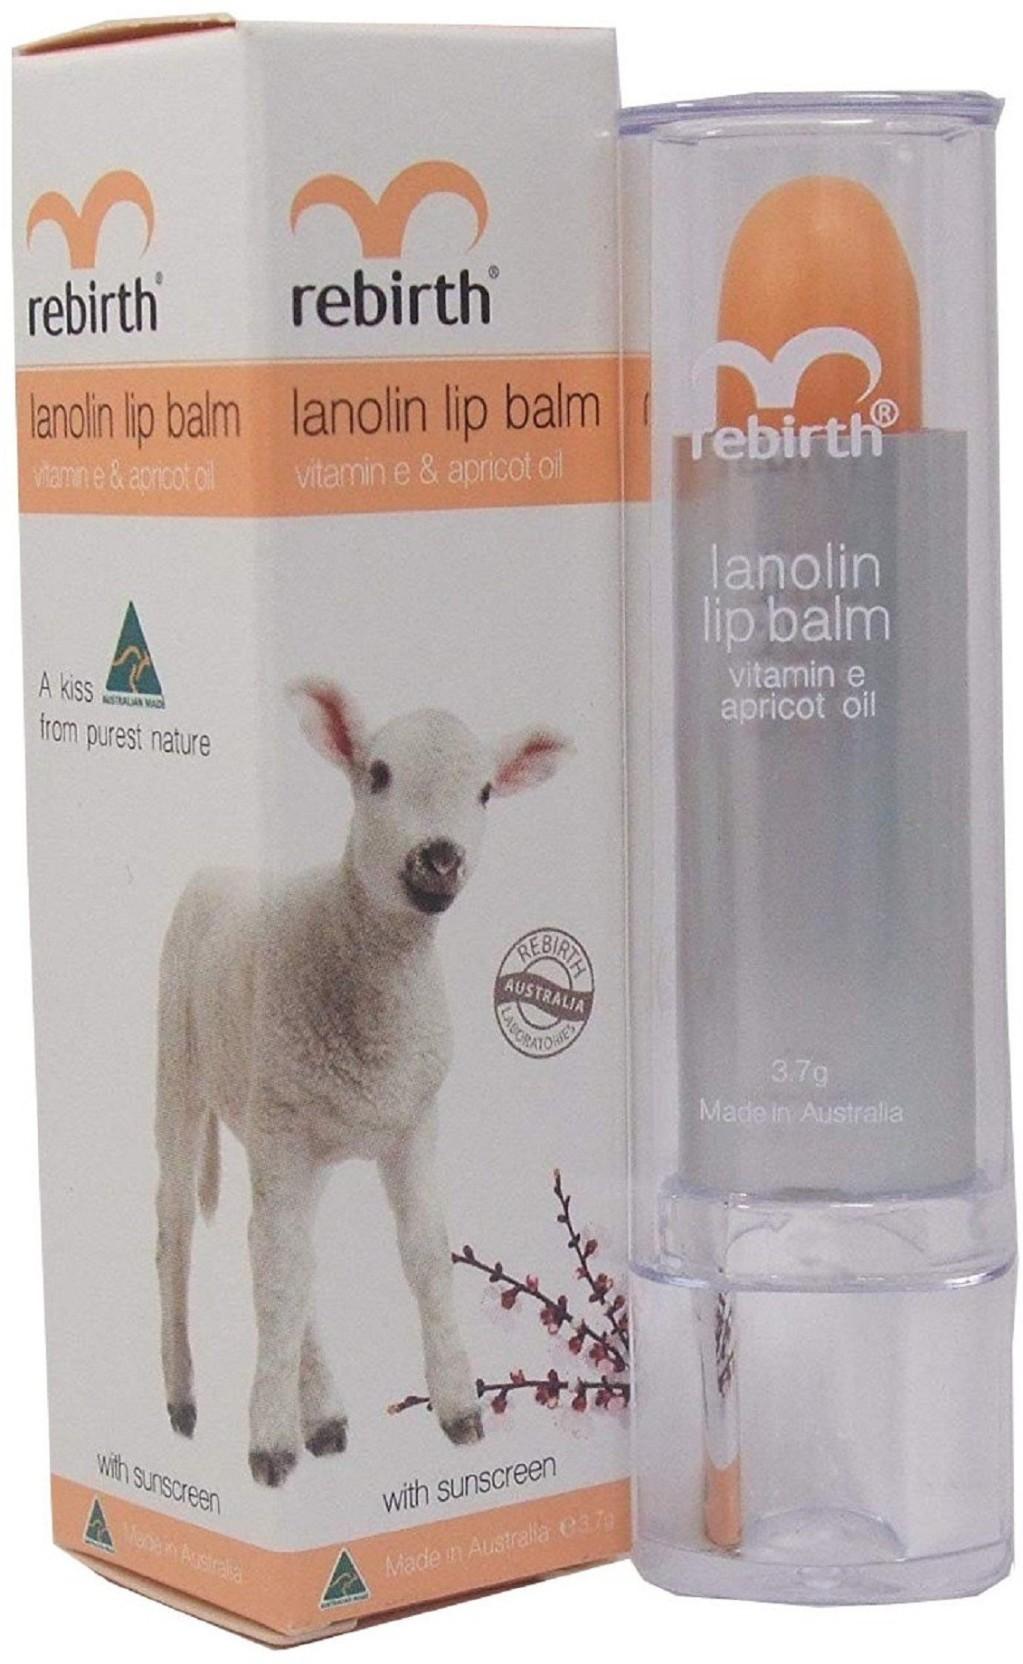 5cbae937390314 Rebirth Lanolin Lip Balm with Vitamin E & Apricot Oil na (Pack of: 1, 3.7 g)